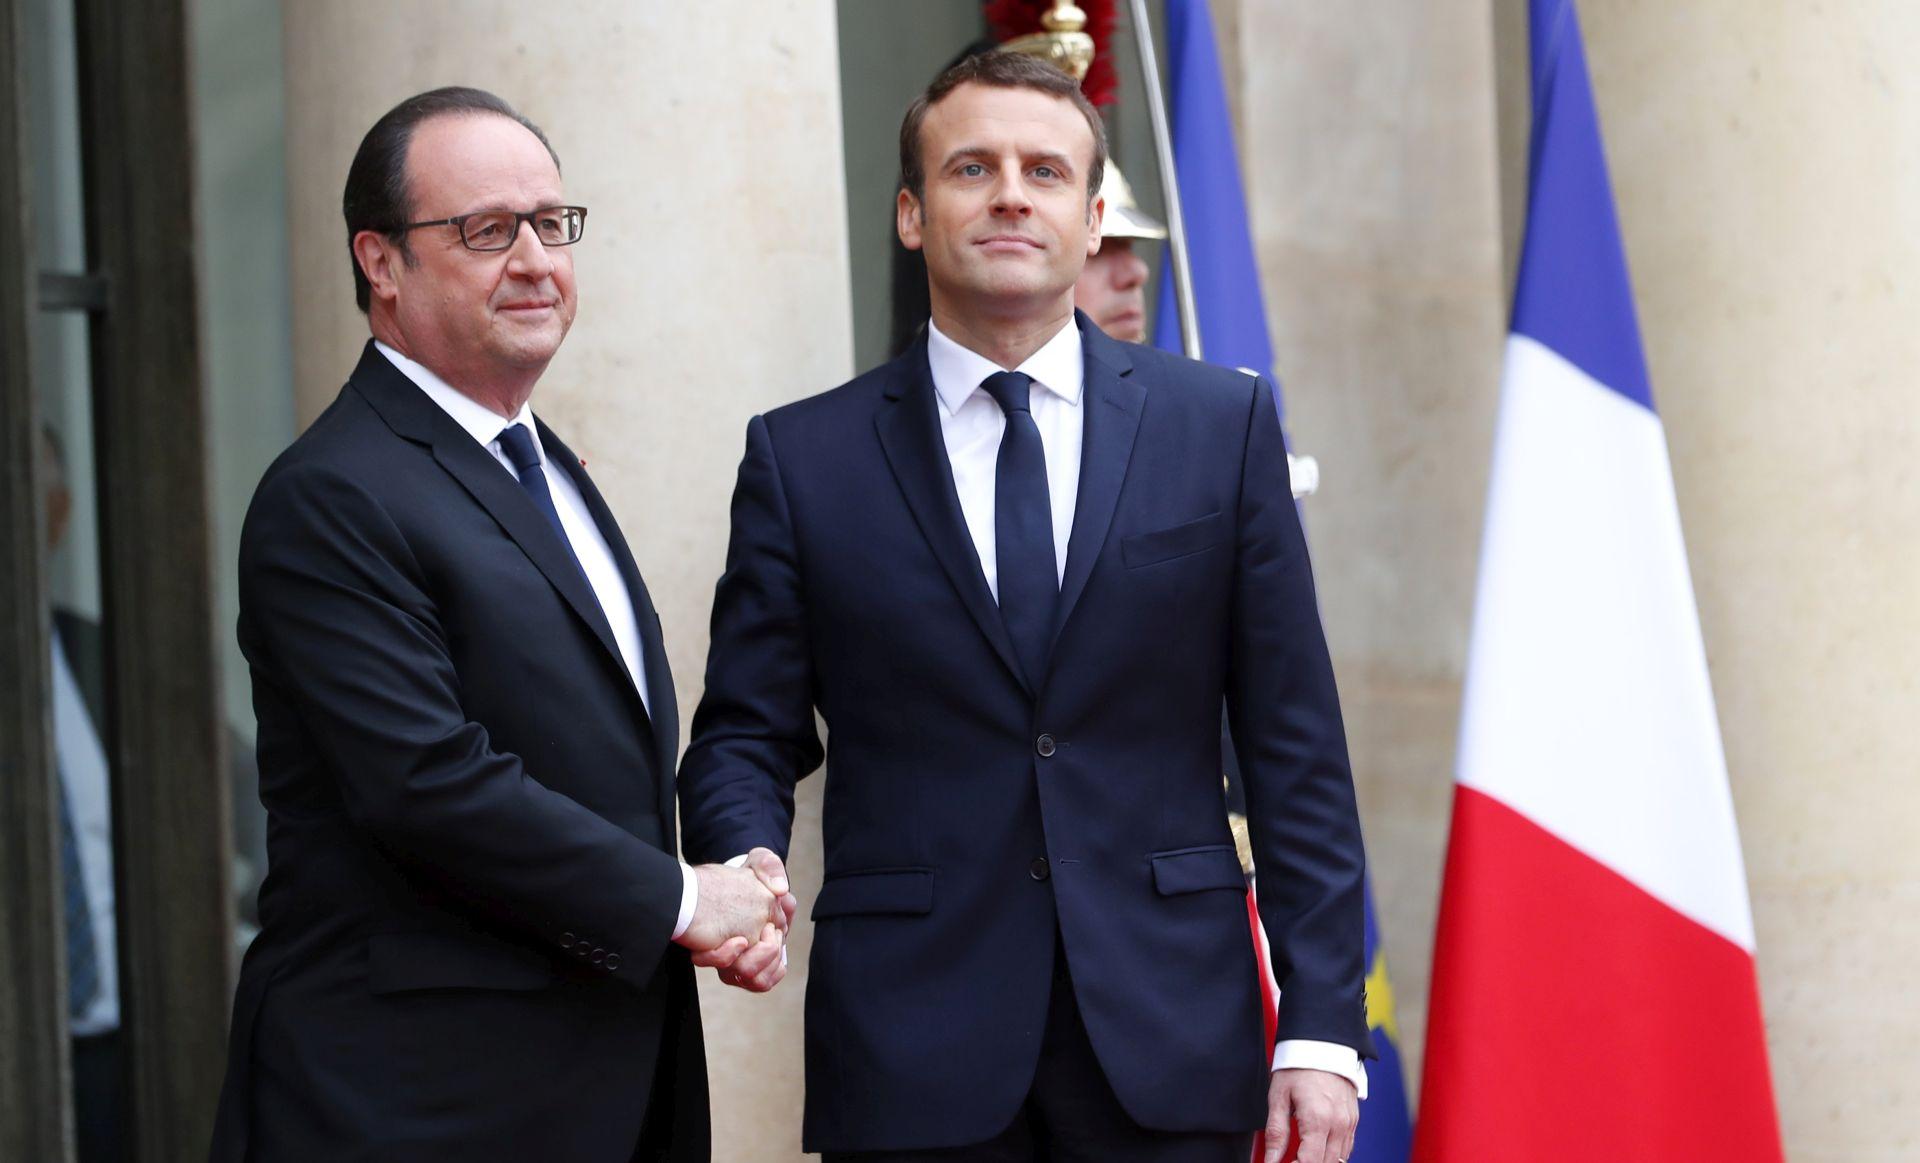 Emmanuel Macron postao novi francuski predsjednik